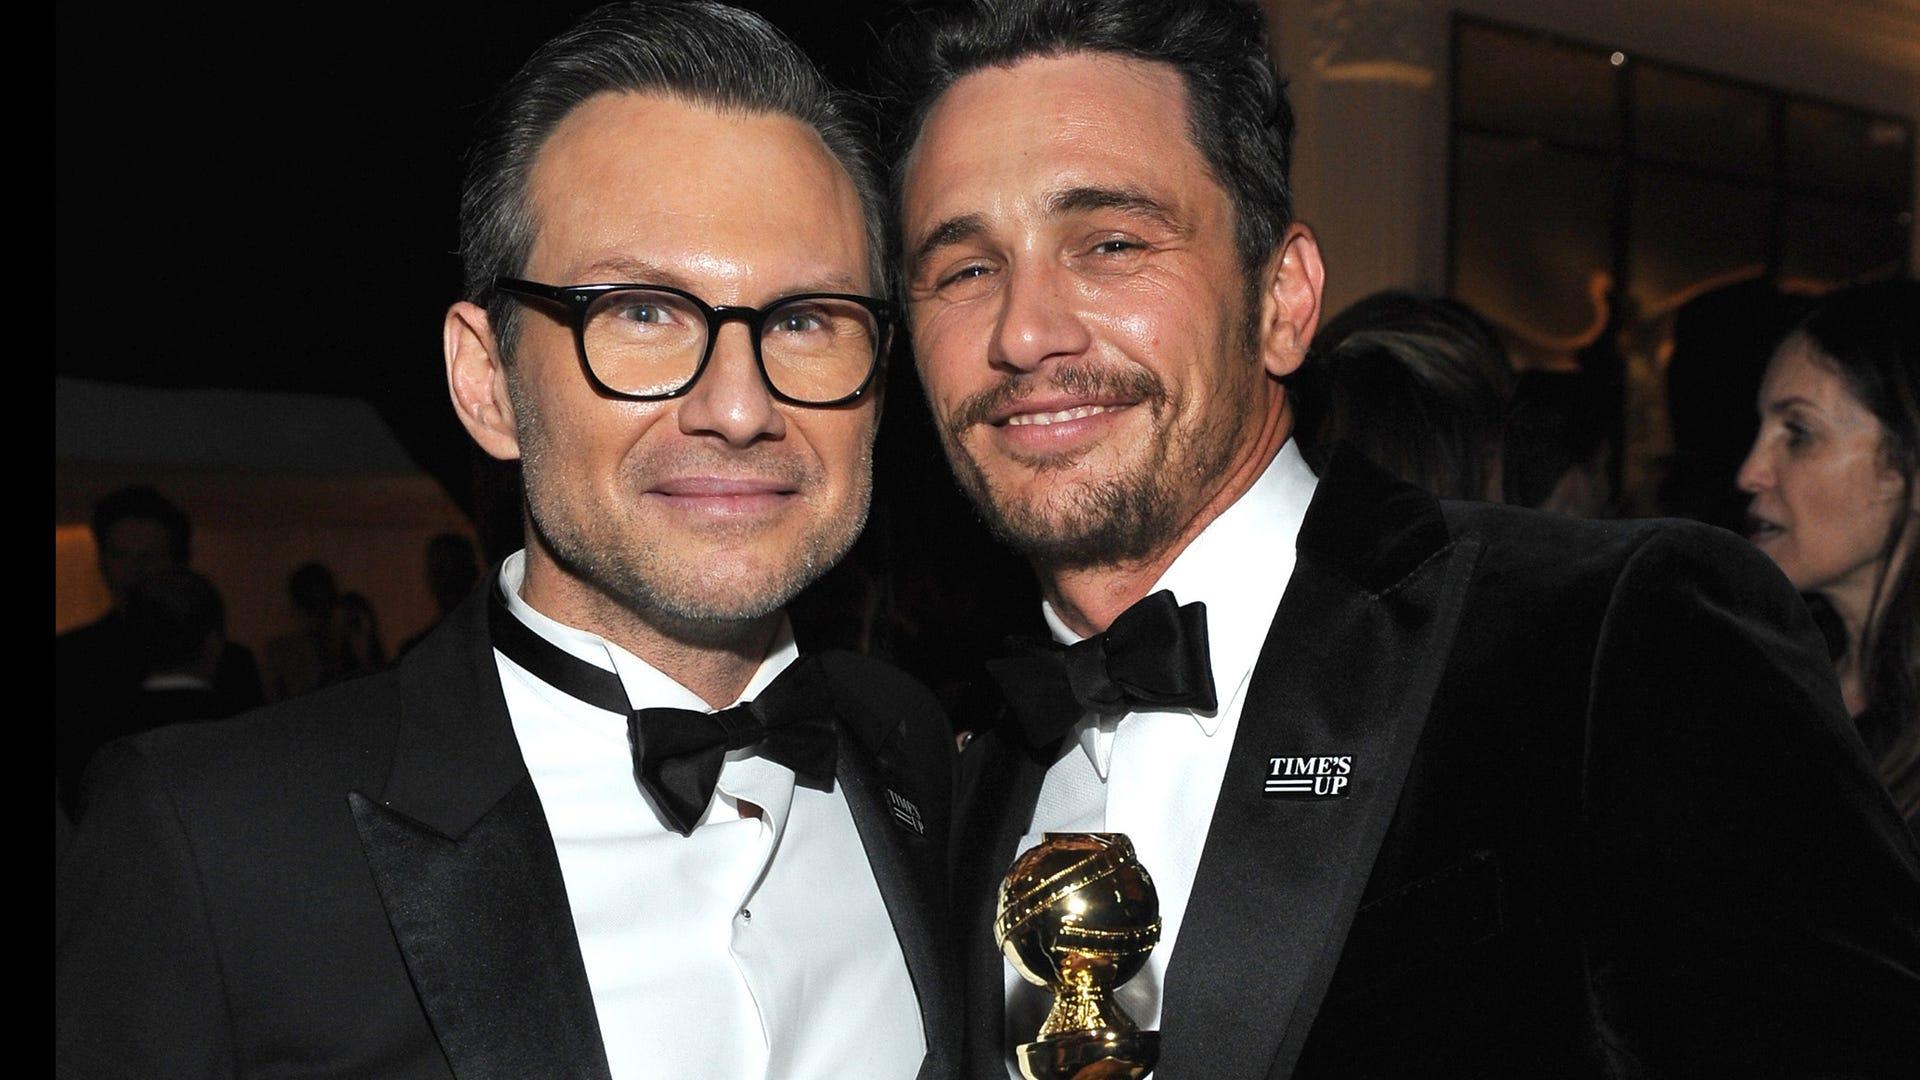 Christian Slater and James Franco